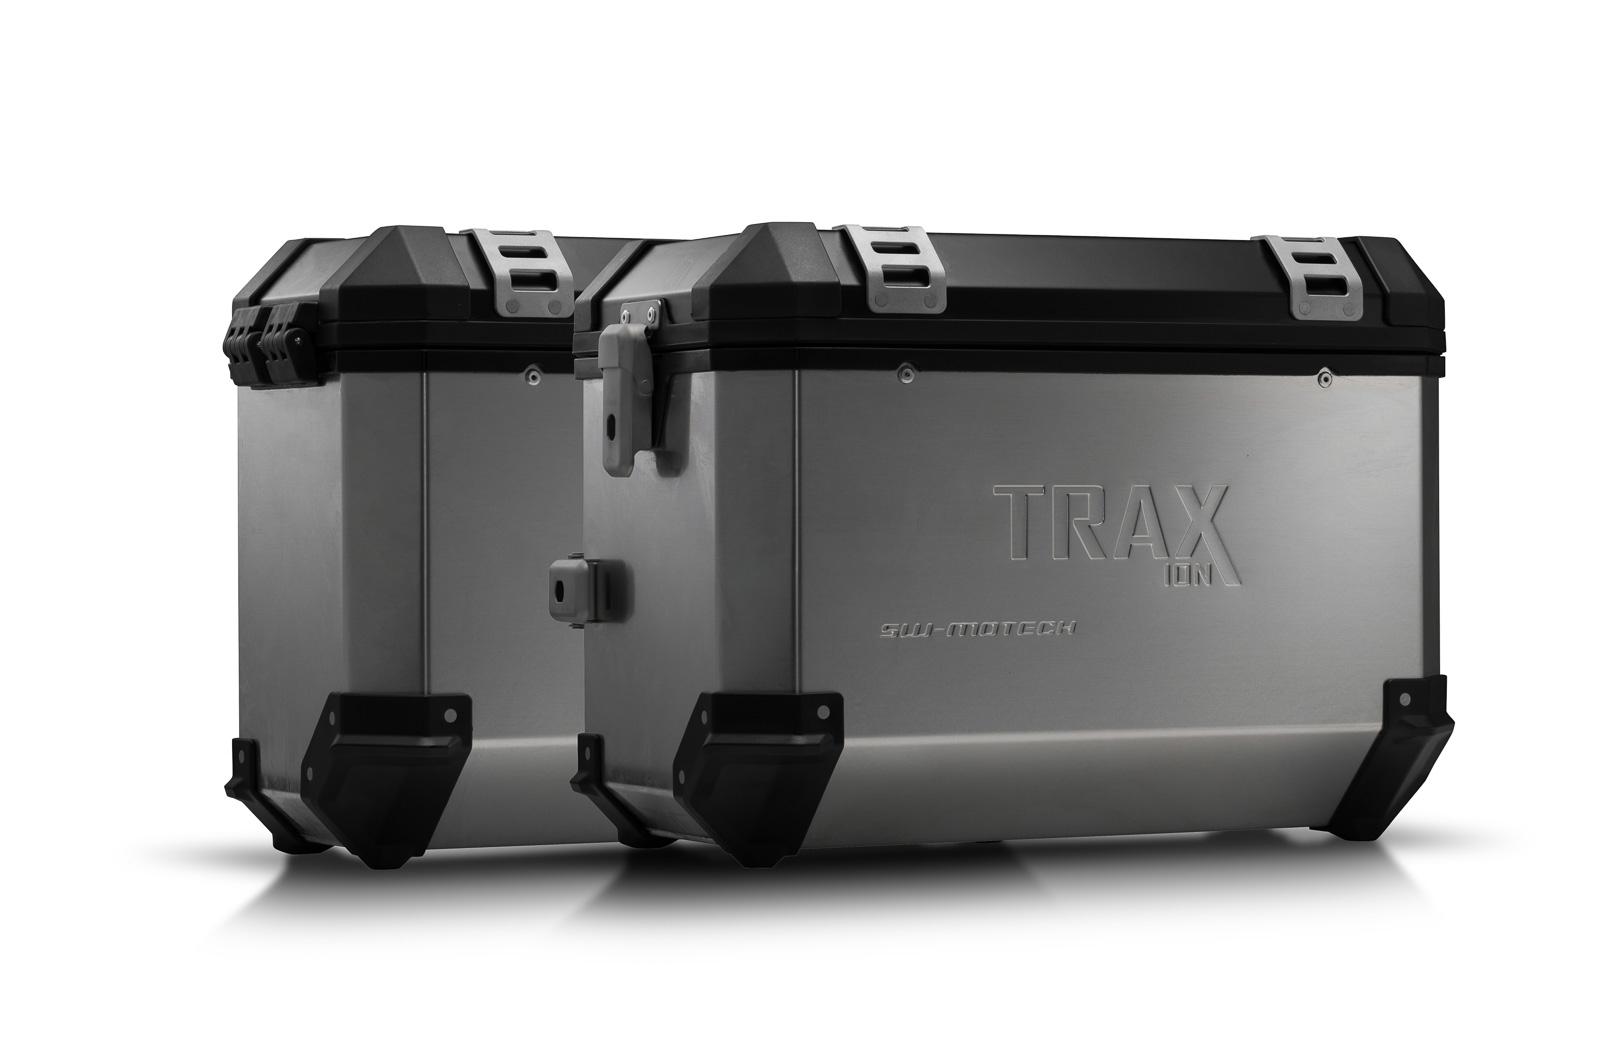 Kit valises SW-Motech Trax ION 37/37L grises KTM 990 SMT 09-14